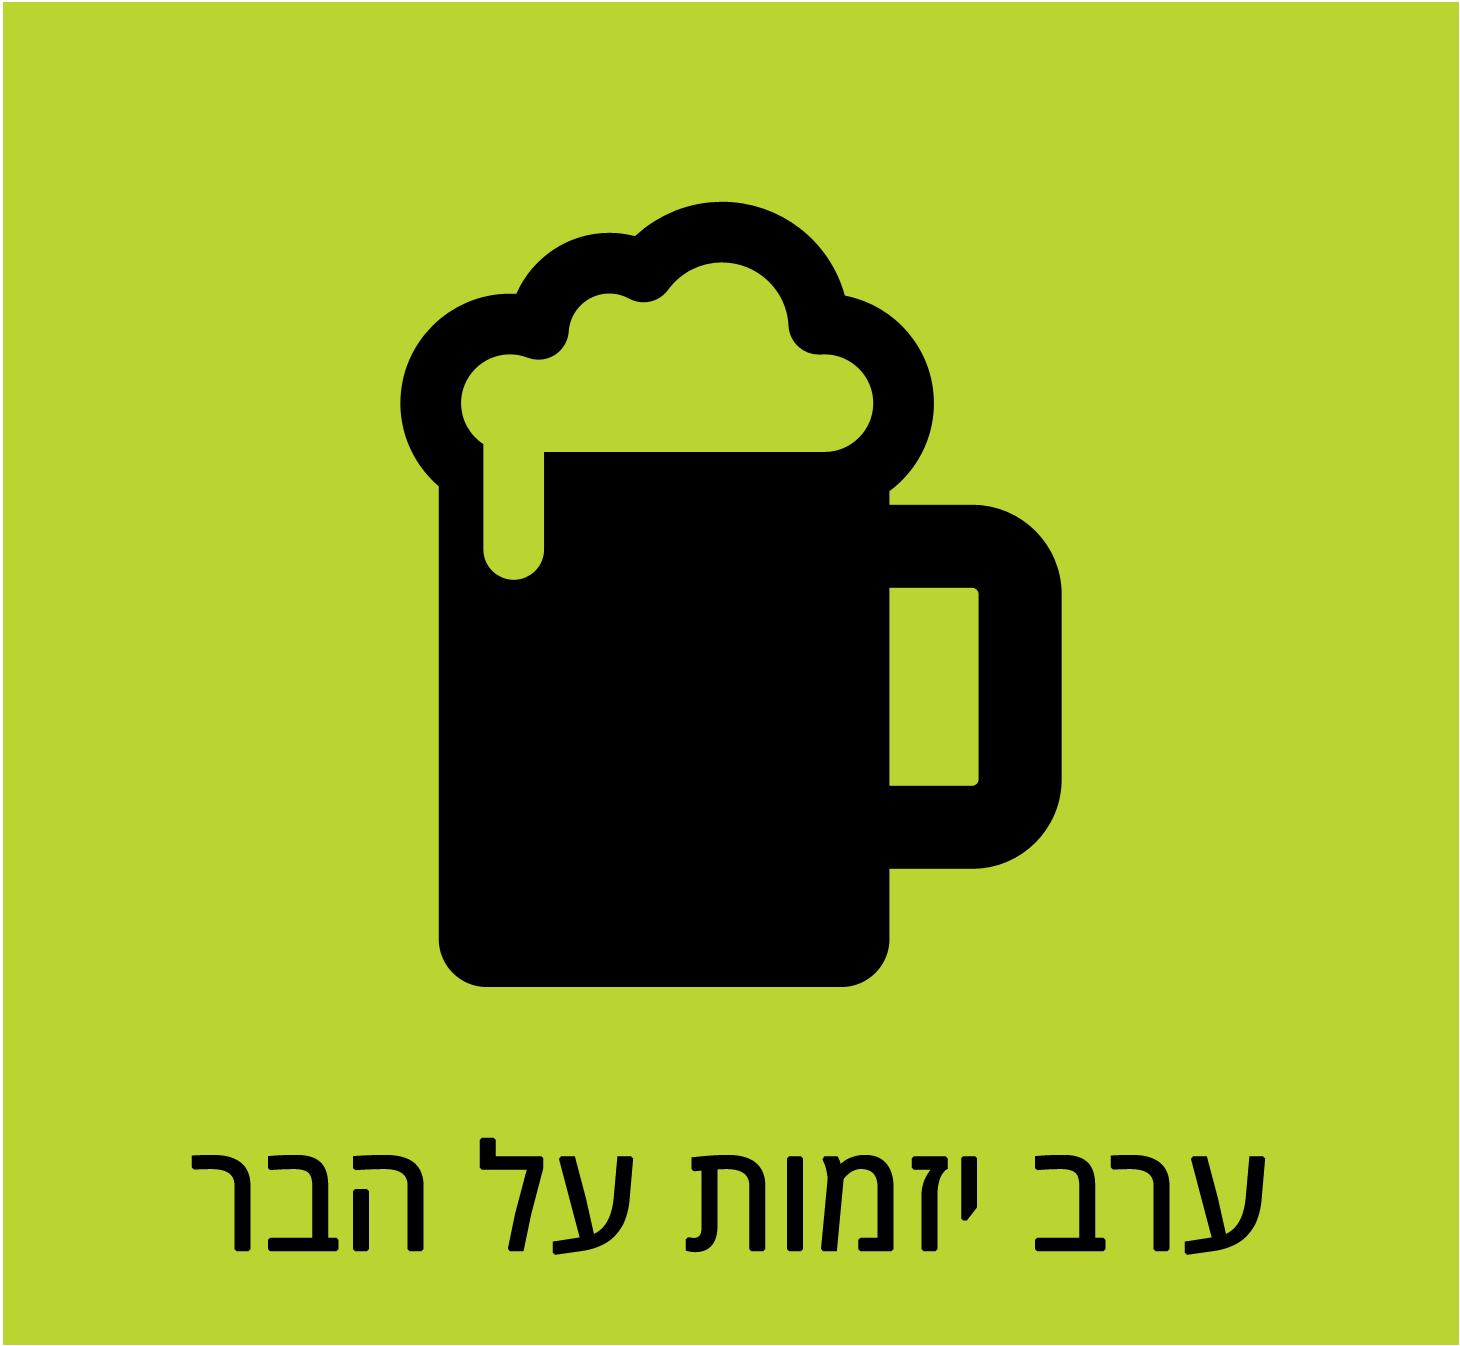 squares_beer